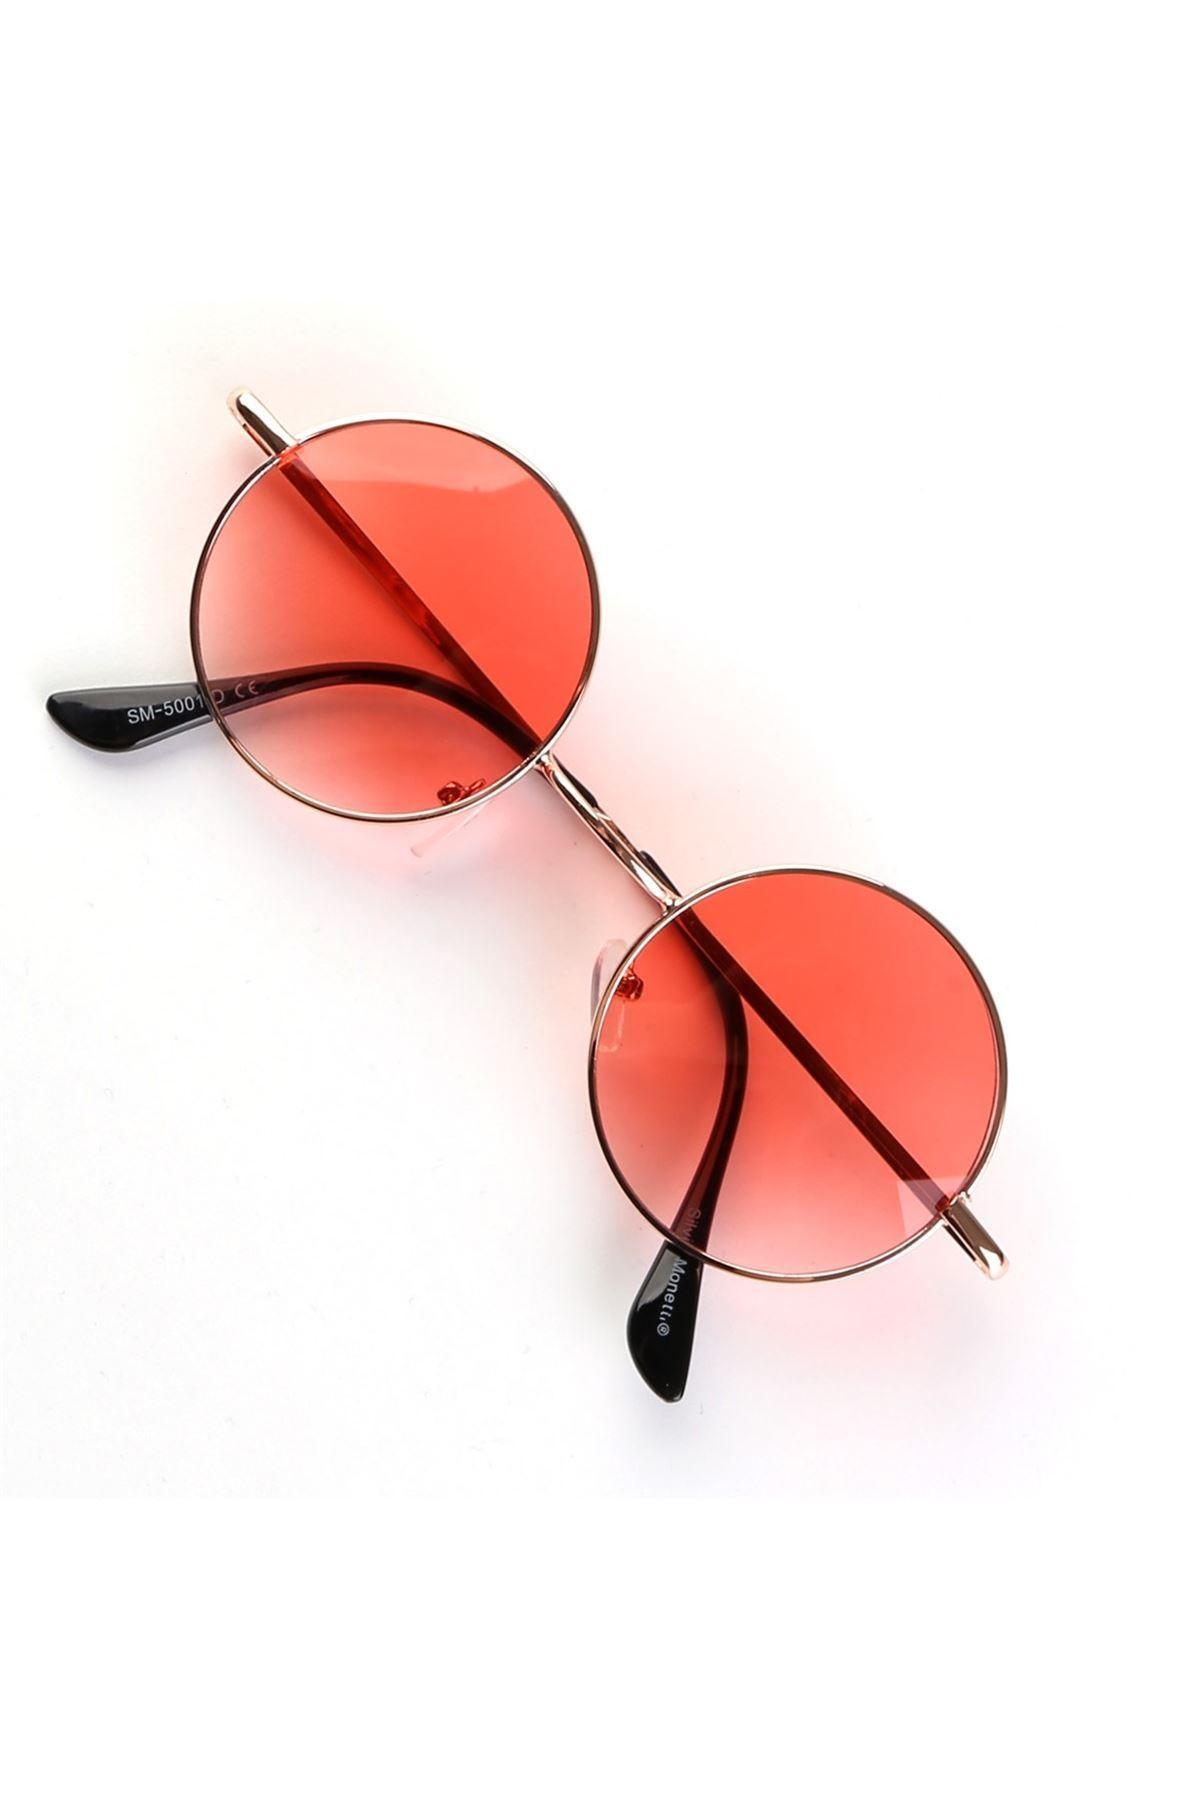 Kutulu Gözlük Kırmızı - 7092.0034.